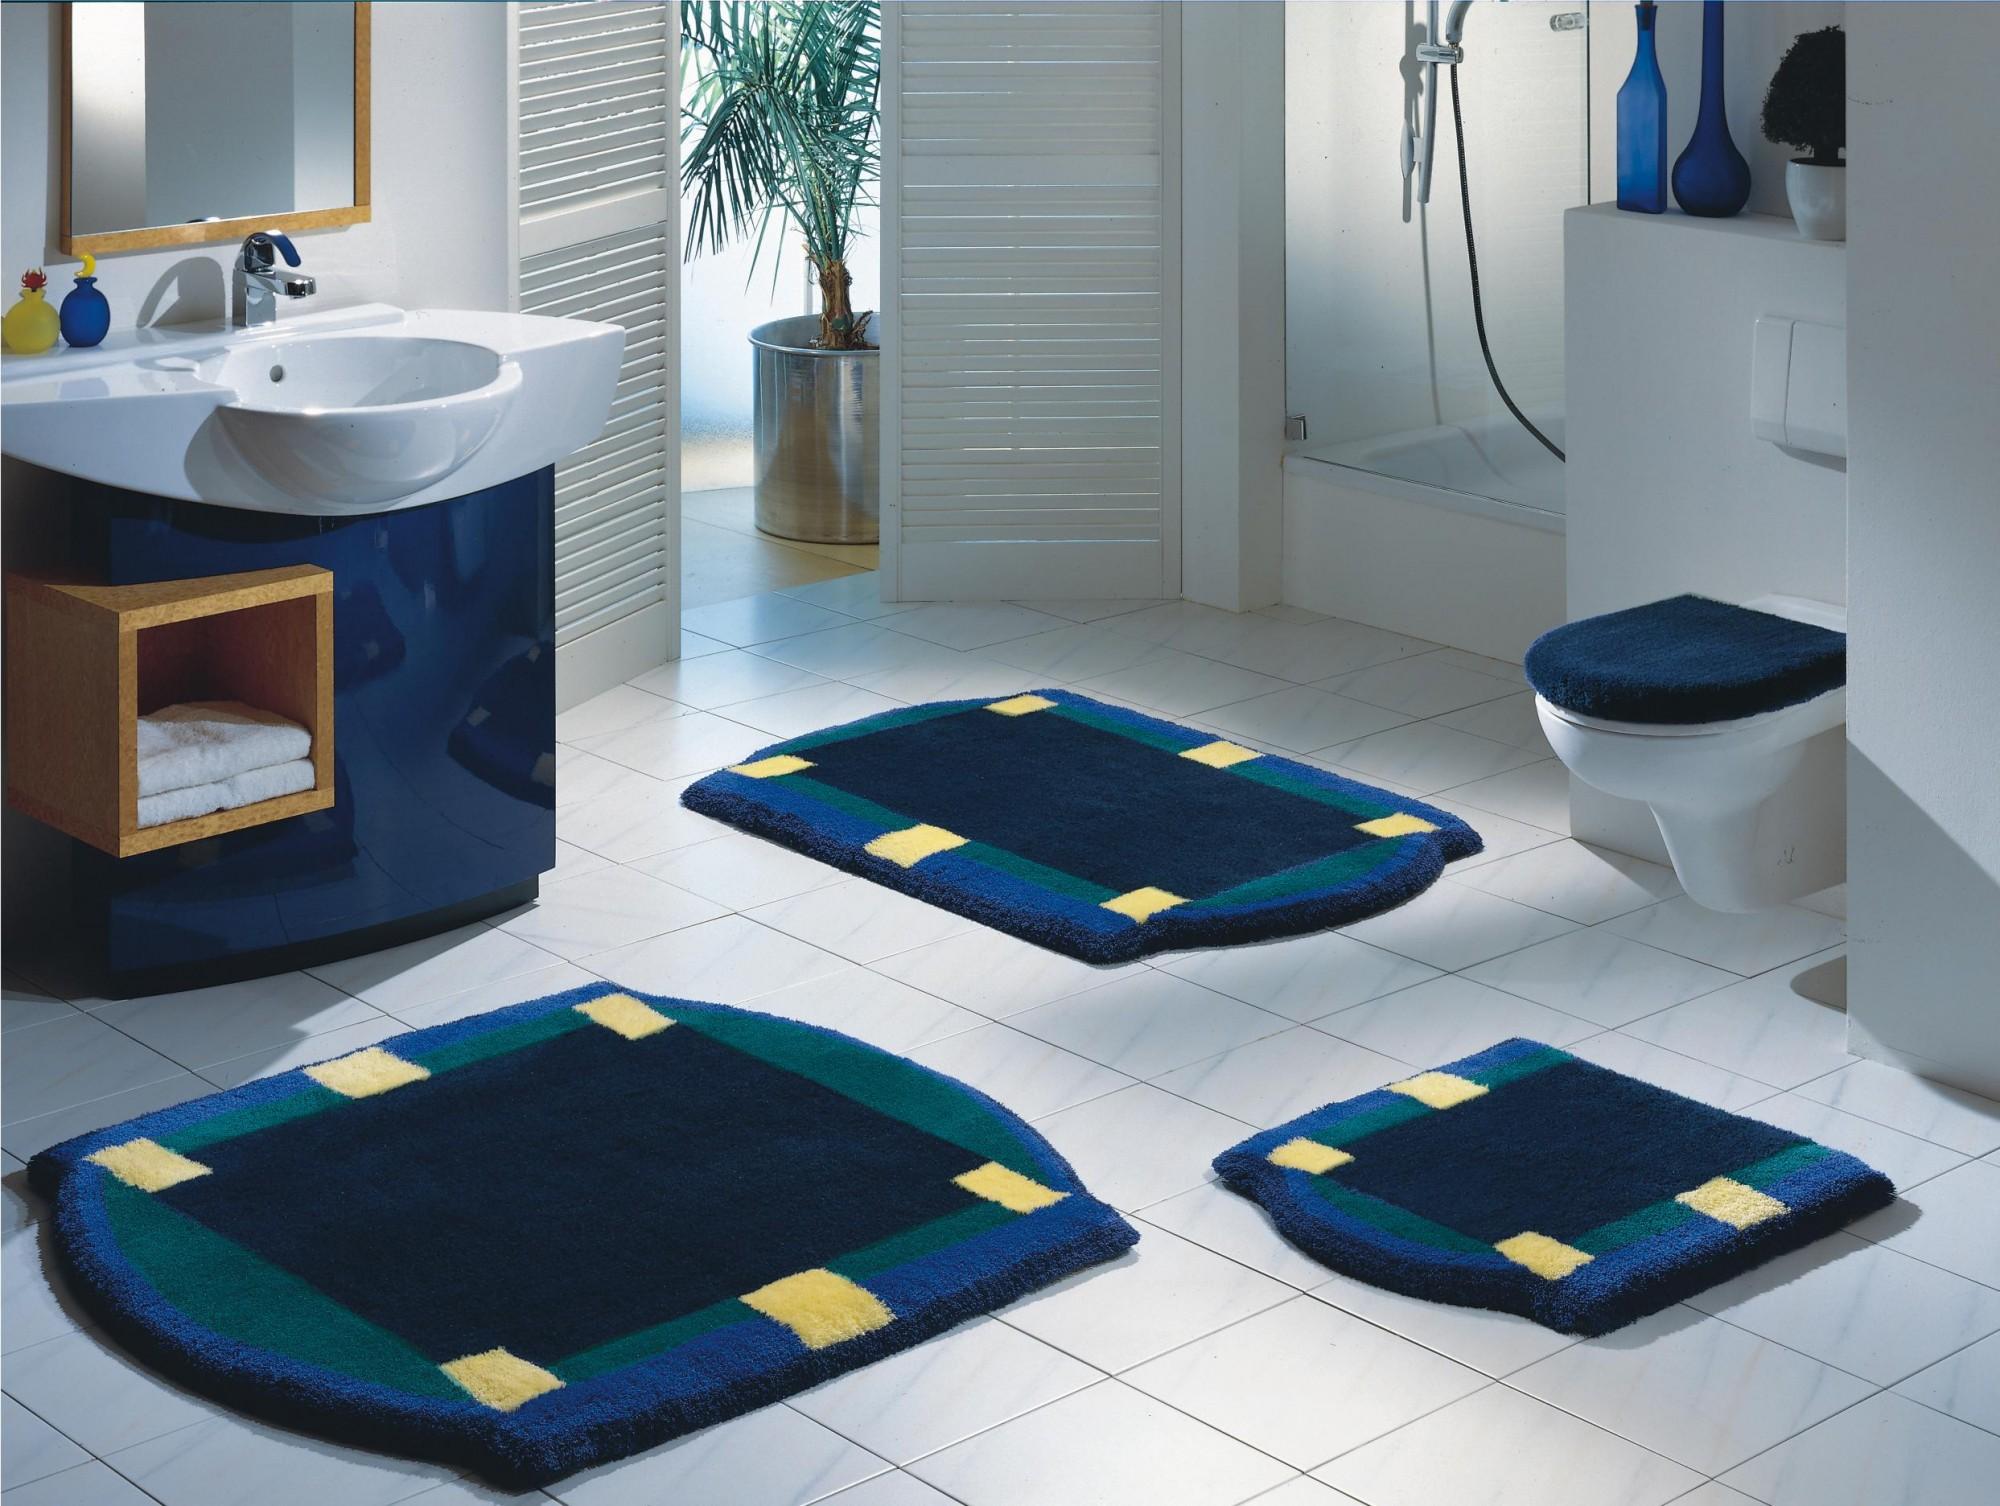 badteppich new york wei grau von clarissa. Black Bedroom Furniture Sets. Home Design Ideas